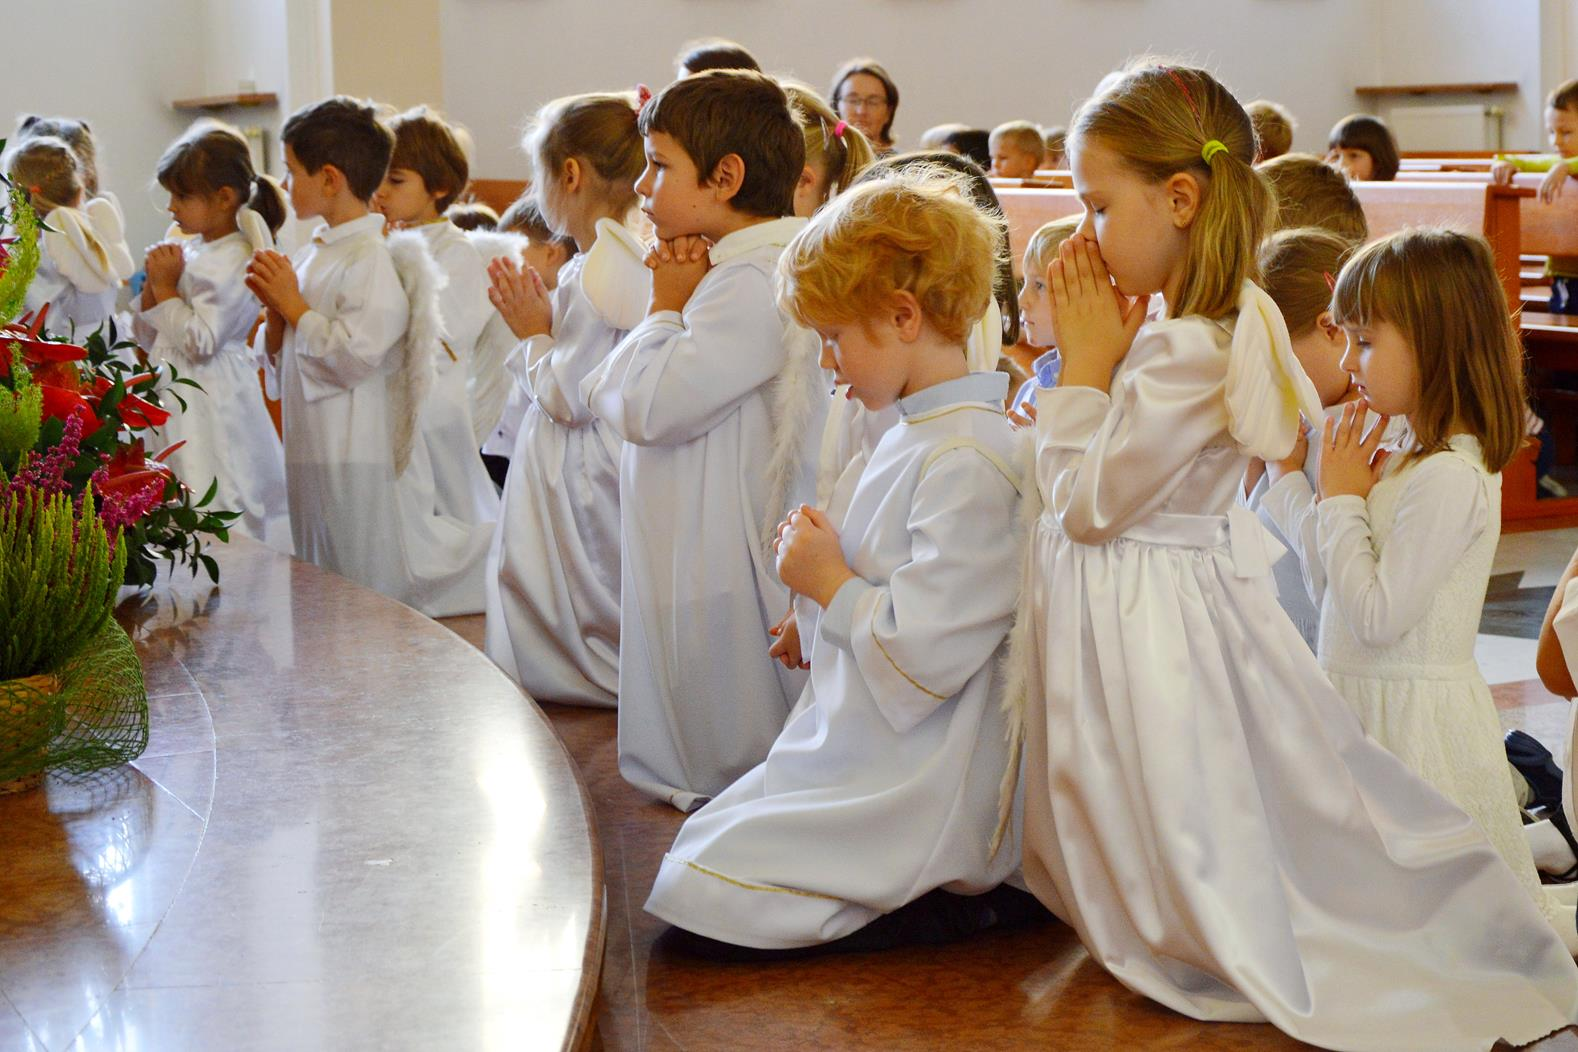 Aniele Boży, Stróżu mój...